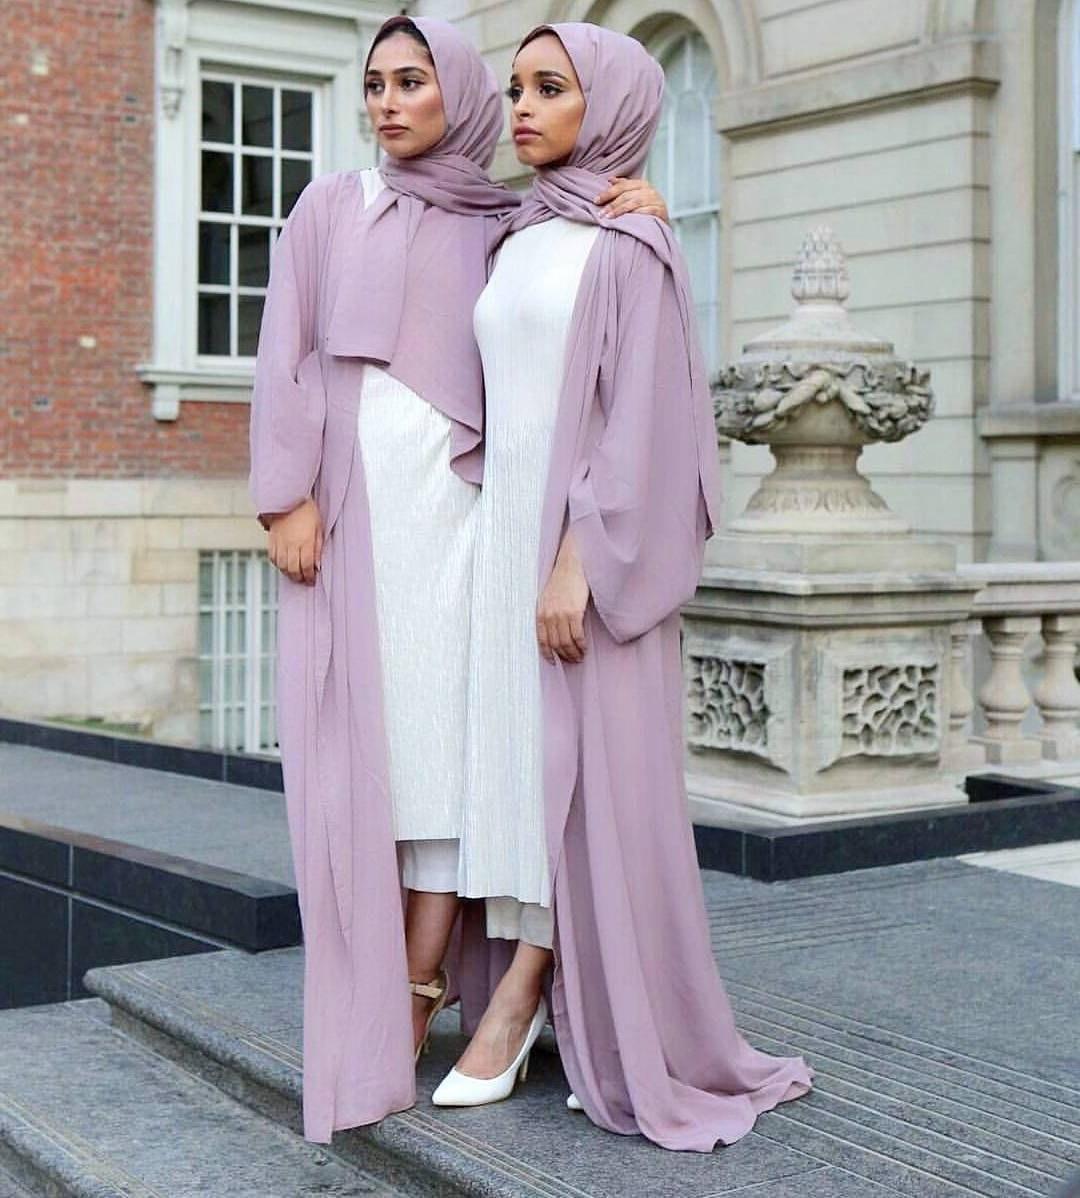 Design Rekomendasi Baju Lebaran 2018 Y7du 50 Model Baju Lebaran Terbaru 2018 Modern & Elegan